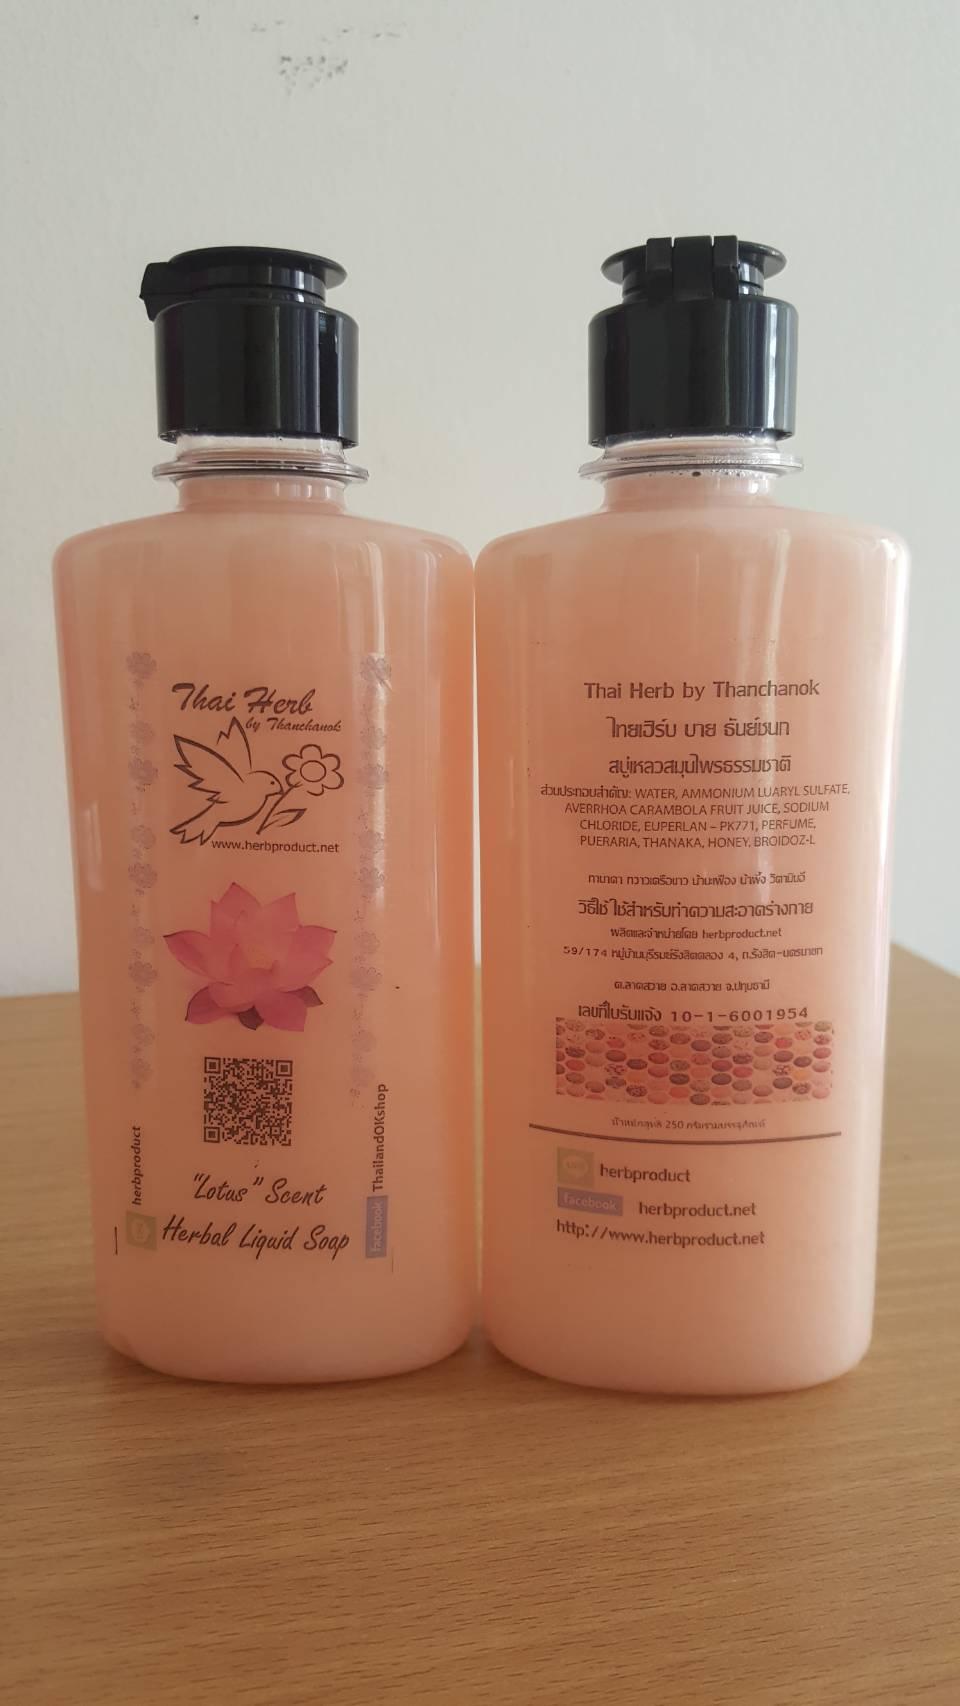 สบู่เหลวสมุนไพร กลิ่นดอกบัว / Natural Liquid Soap Lotus Scent